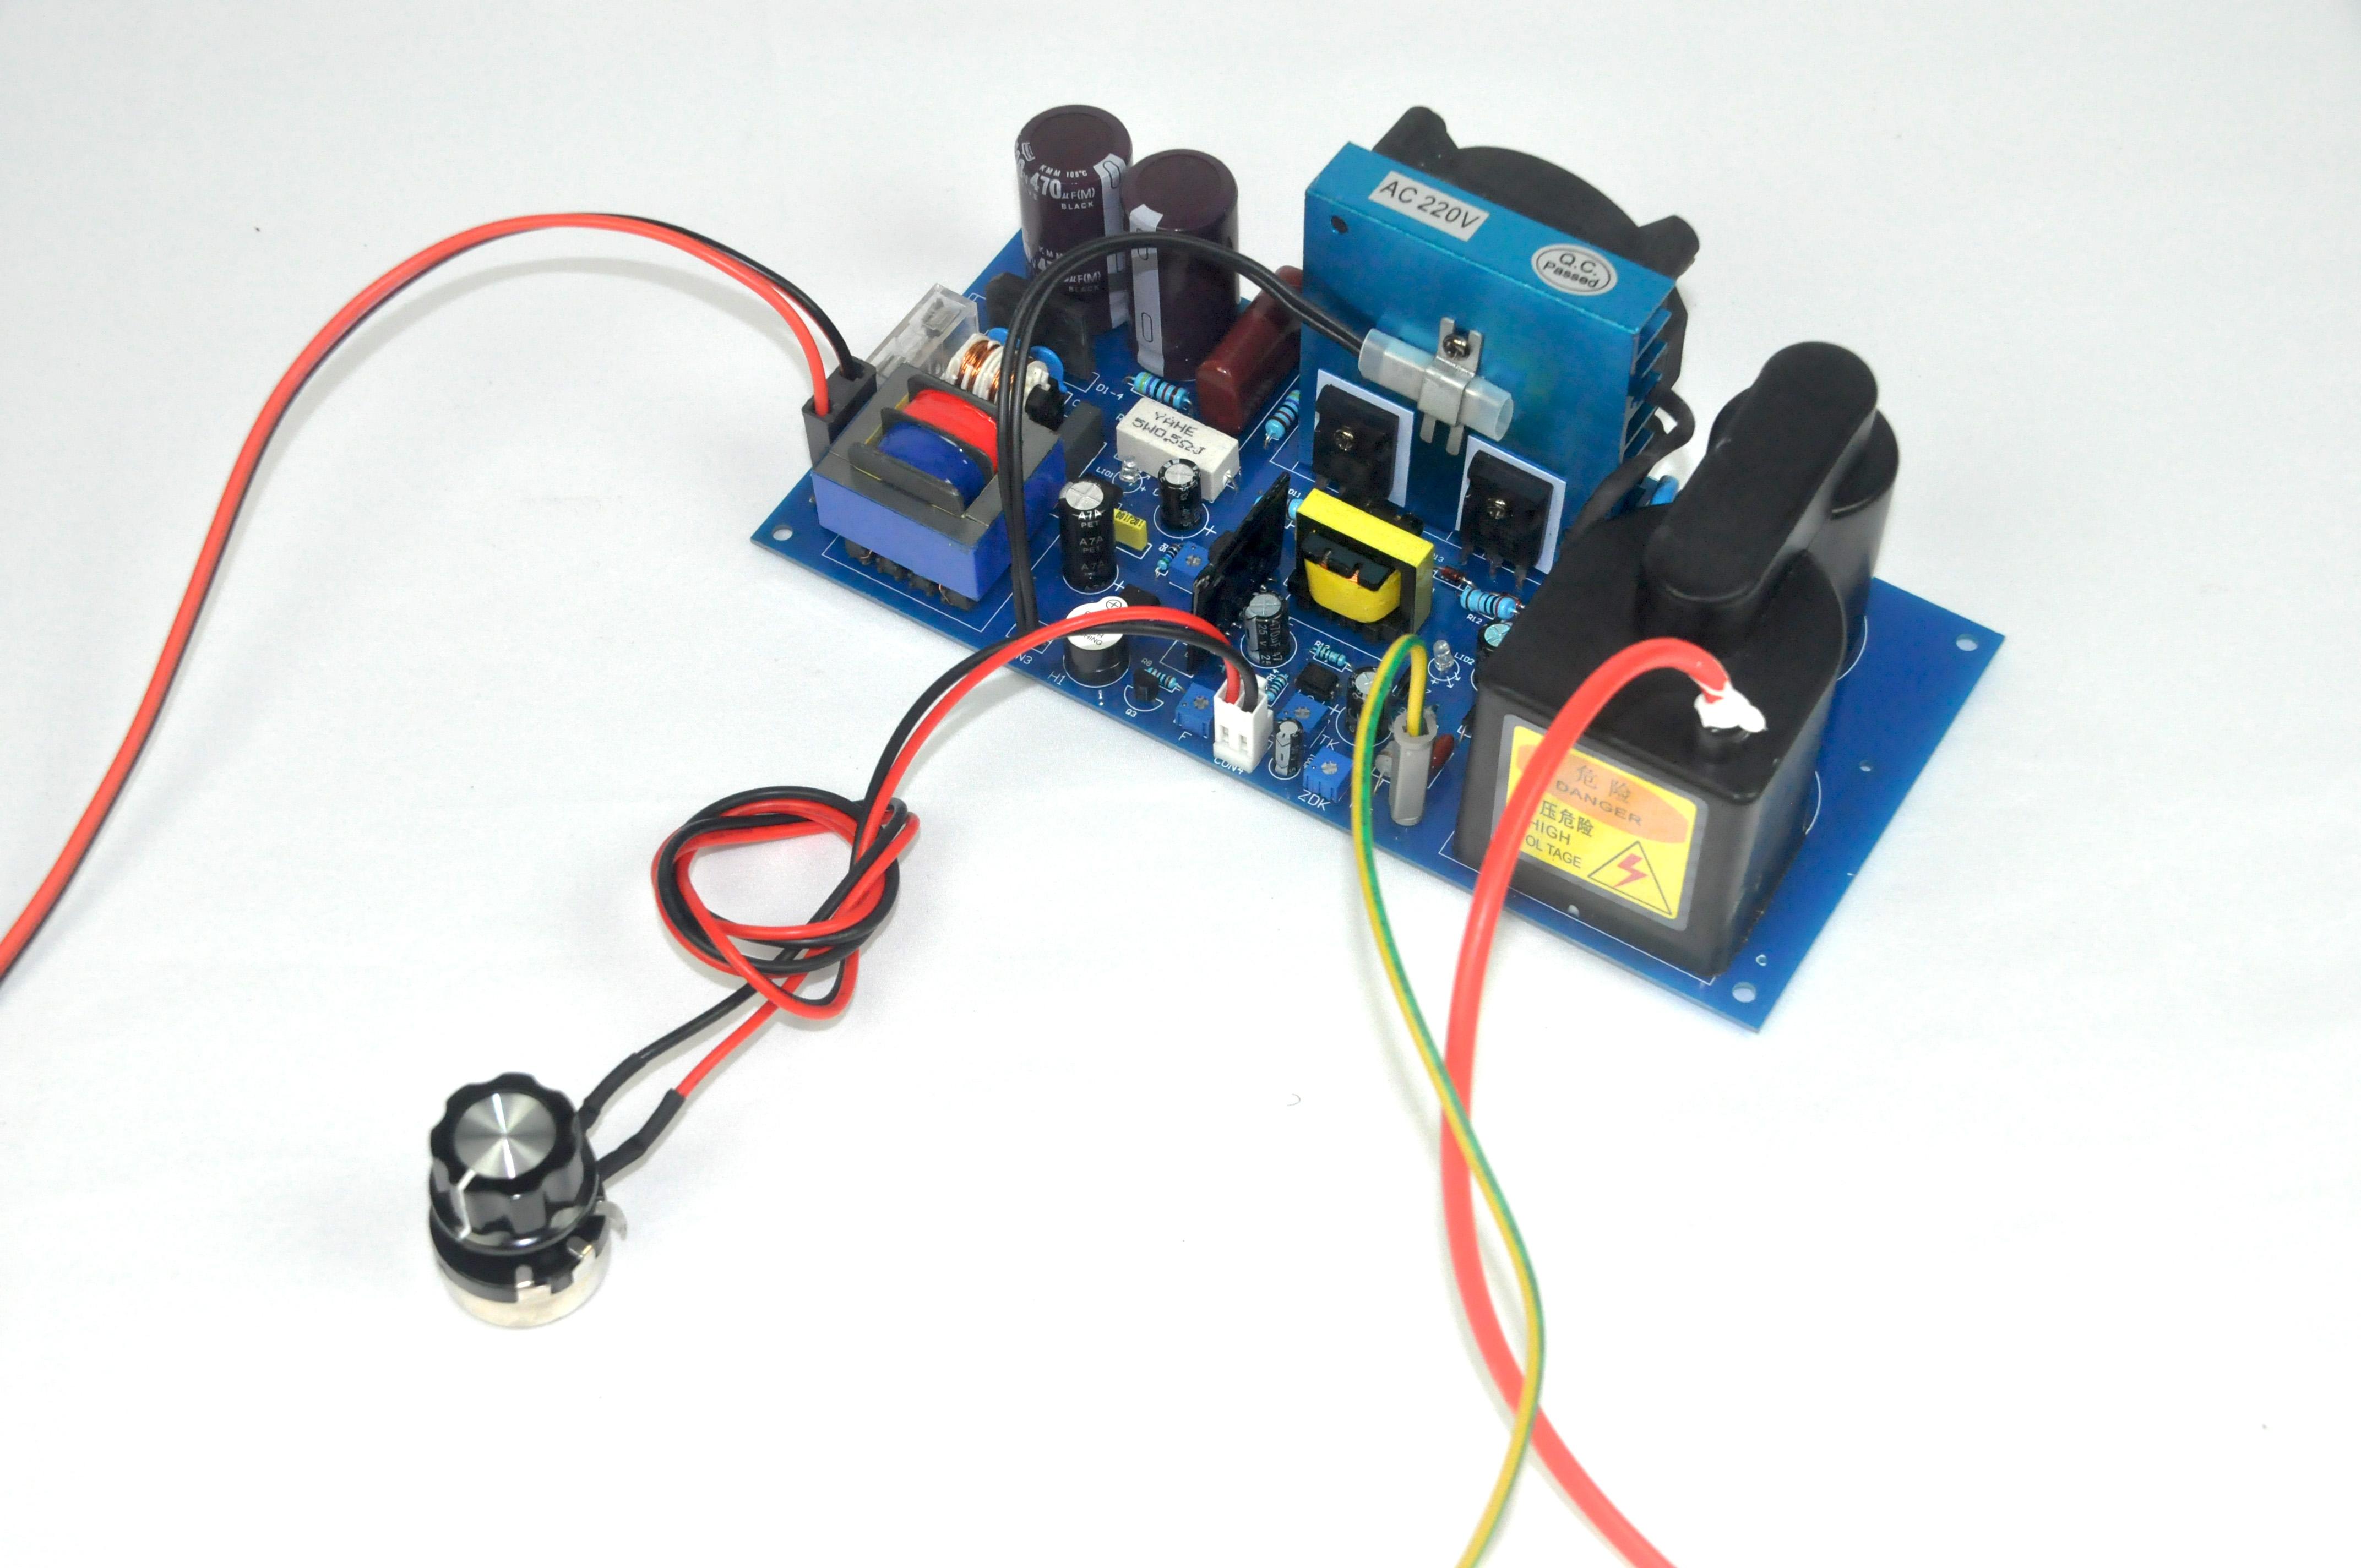 350W臭氧电源 臭氧发生器匹配电源.300W臭氧电源,臭氧电路板,350瓦臭氧发生器专用电源,300W线路板,350W电路板,350W臭氧电源,